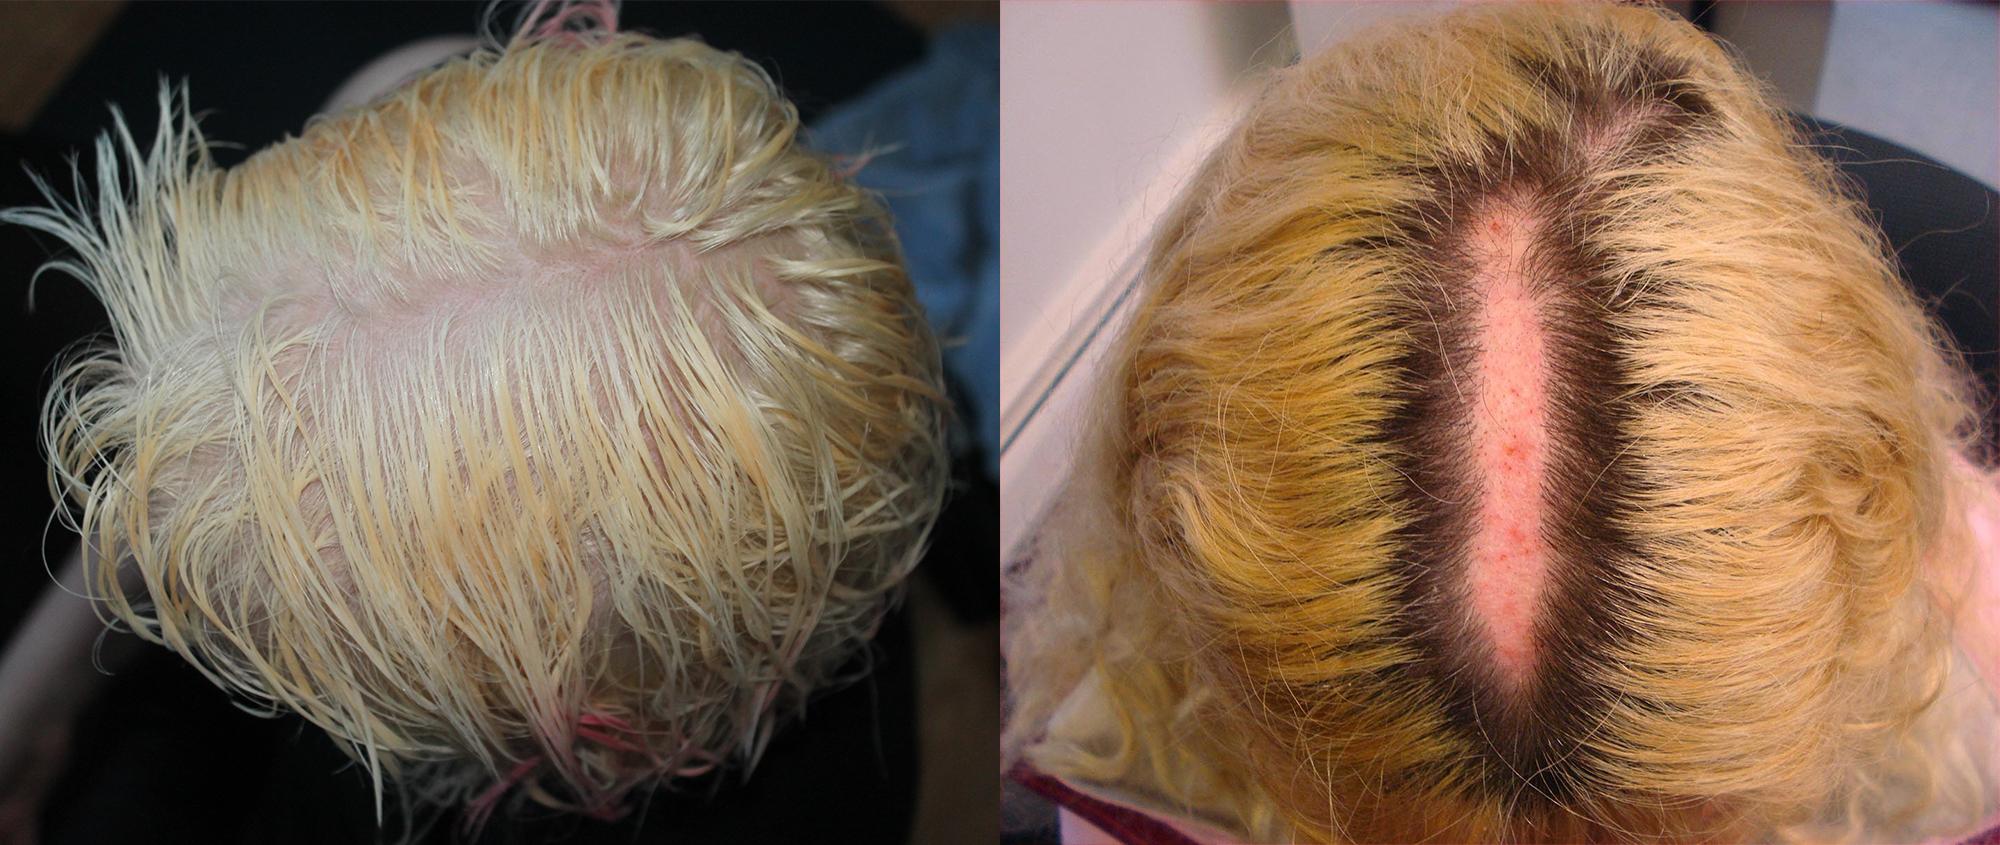 Hair dye nightmare